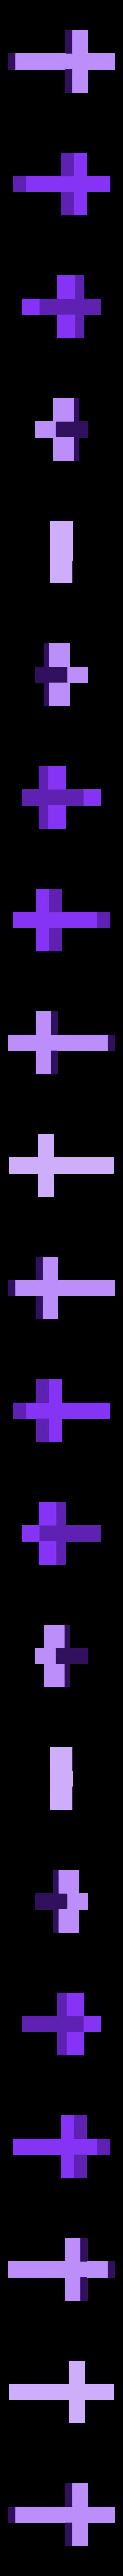 chapel_cross.stl Télécharger fichier STL gratuit Saxon Burh petite église • Design pour imprimante 3D, Earsling